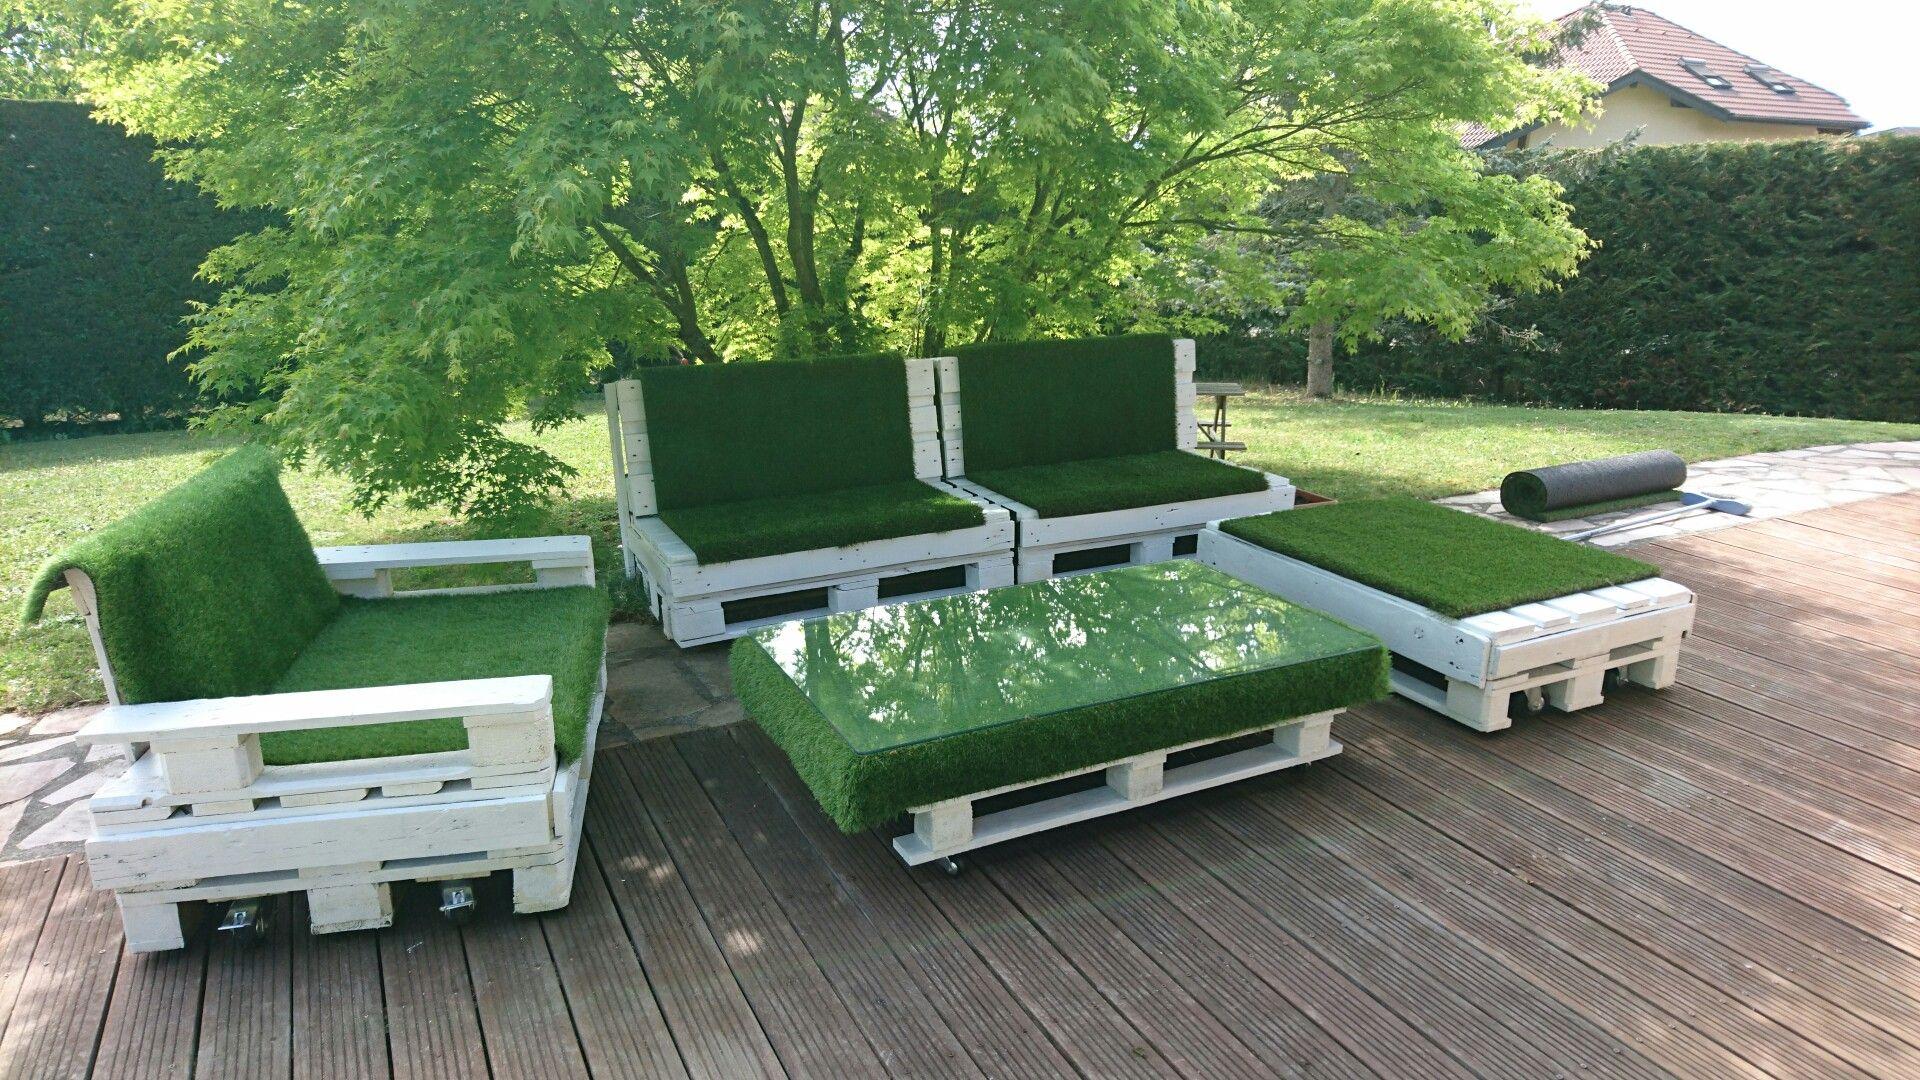 Mon Salon De Jardinpalettes Et Herbe Synthetique C Est Tres Beau Et Confortable J Adore Salon De Jardin Palettes Salon De Jardin